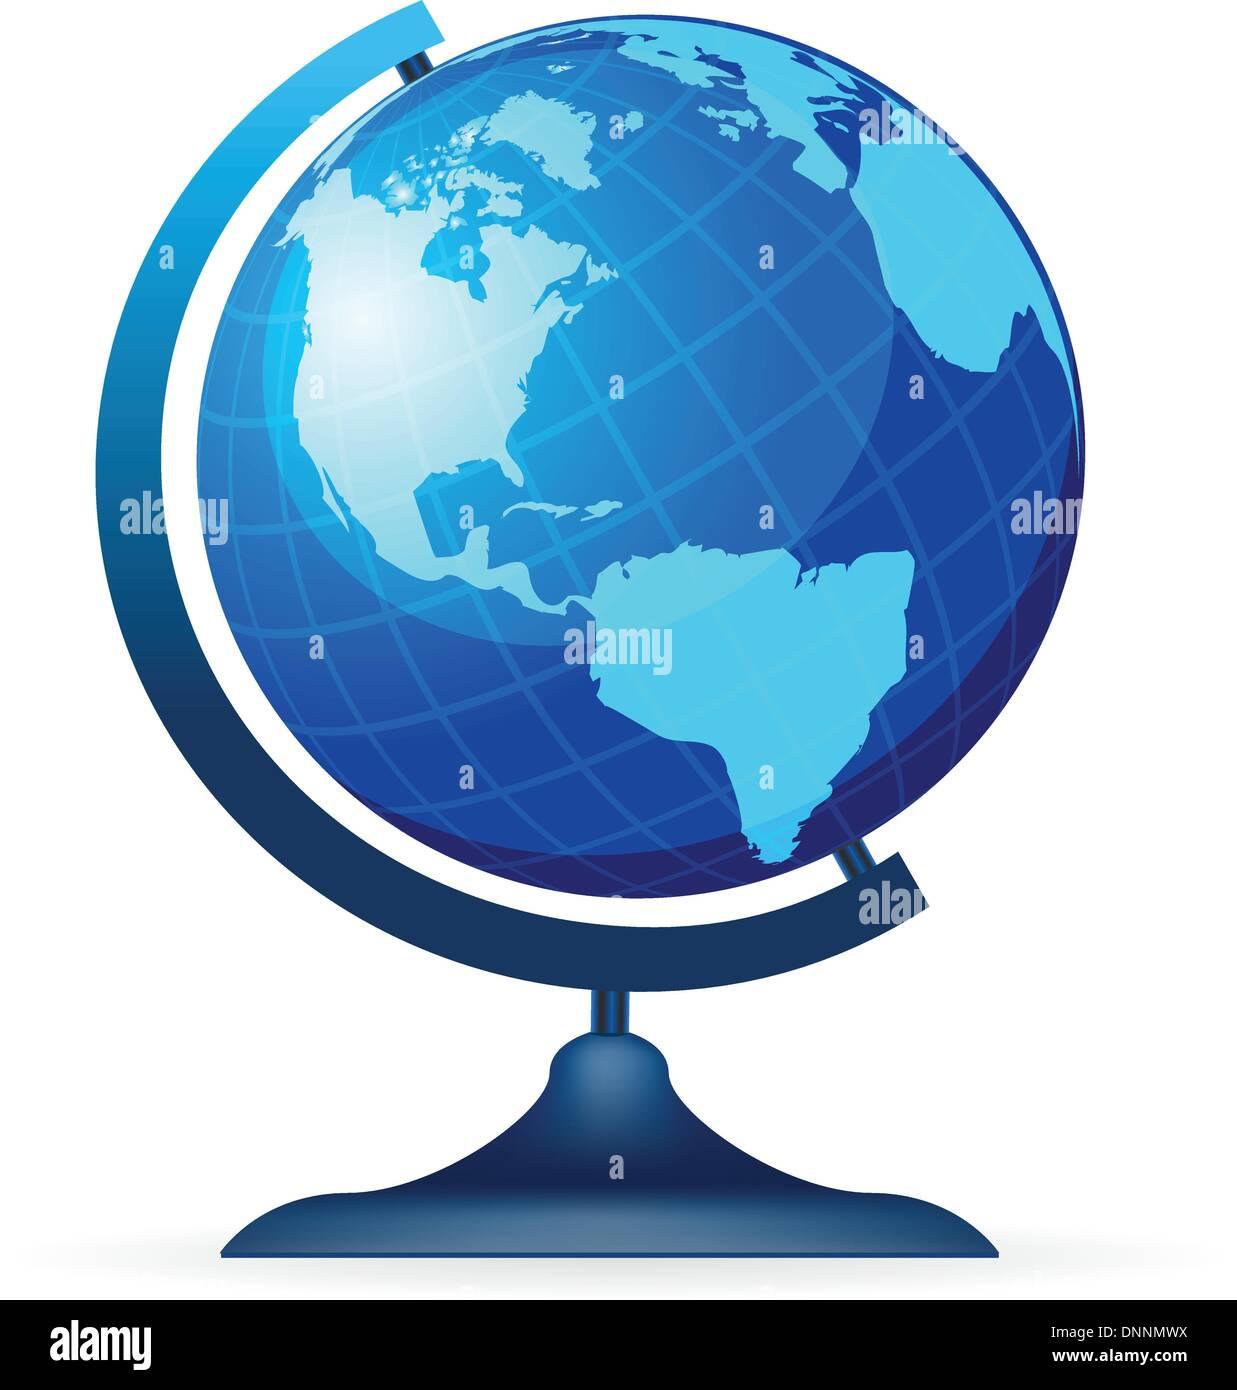 Globo terrestre aislado sobre un fondo blanco. Imagen De Stock